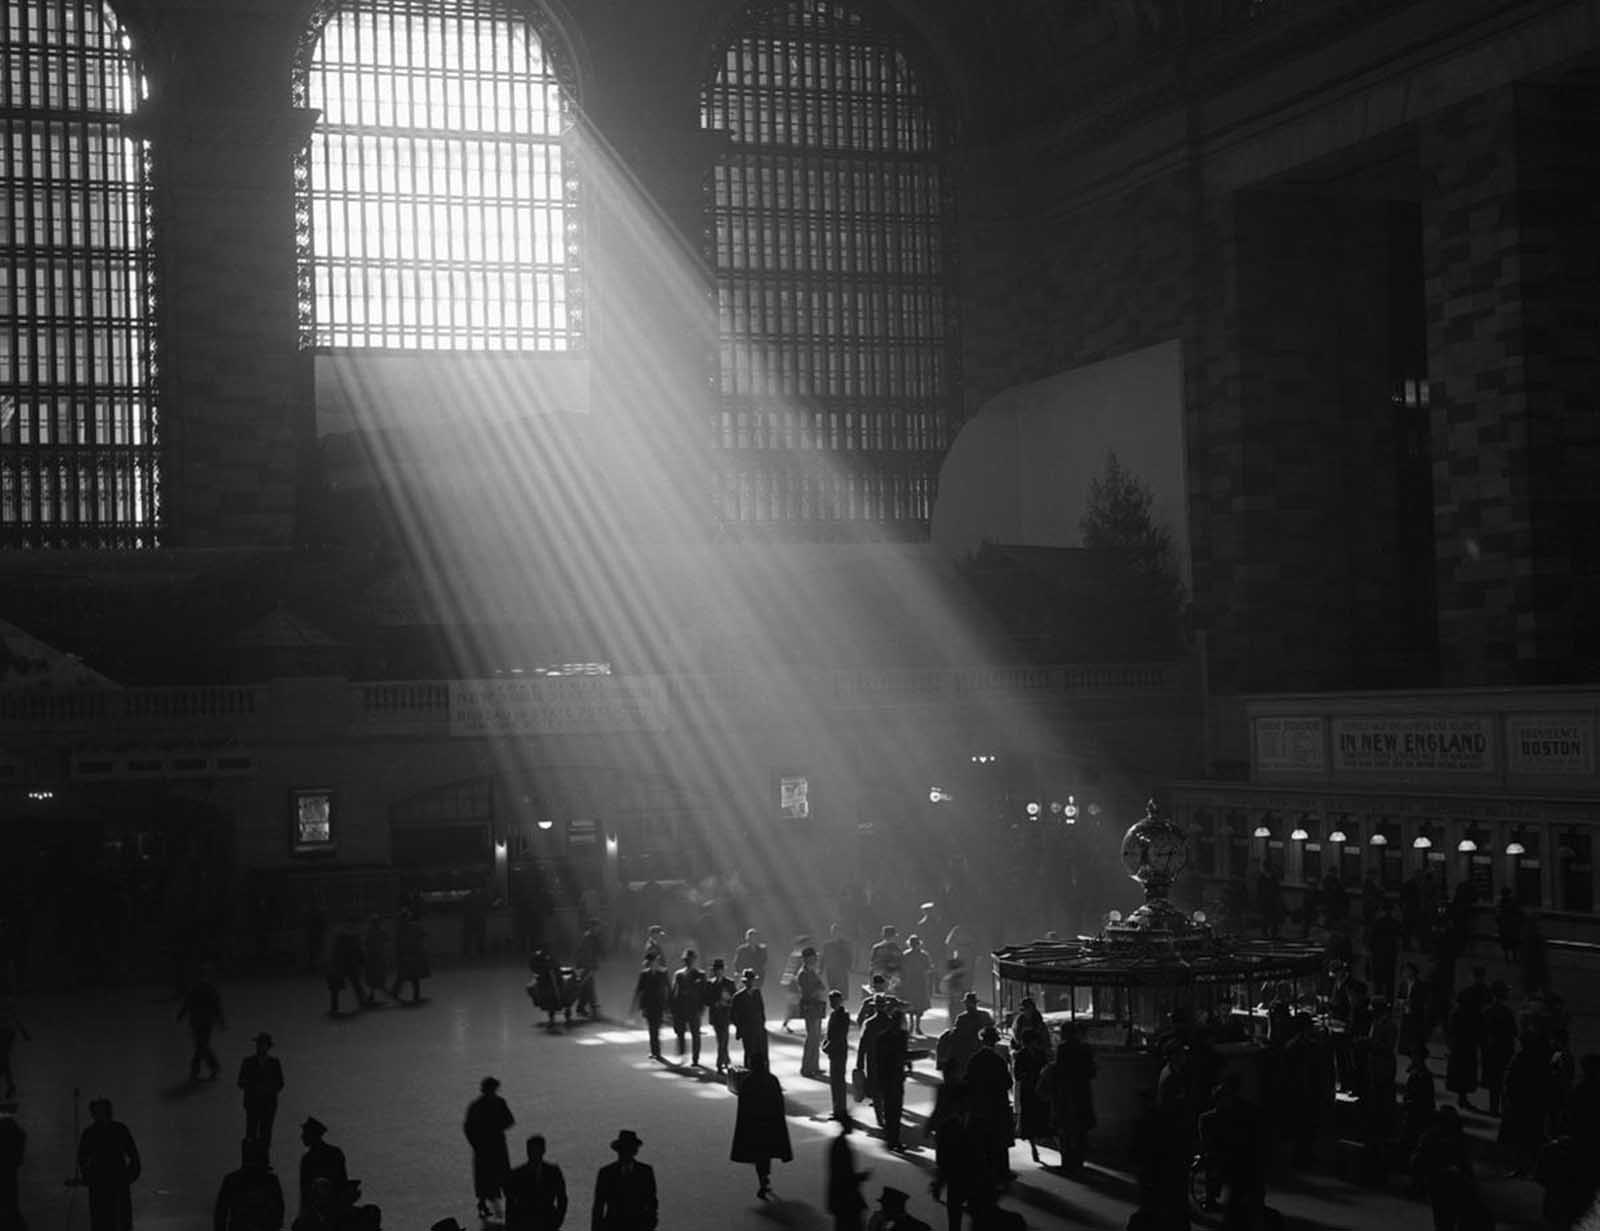 El interior de la estación Grand Central, con el sol entrando por la ventana.